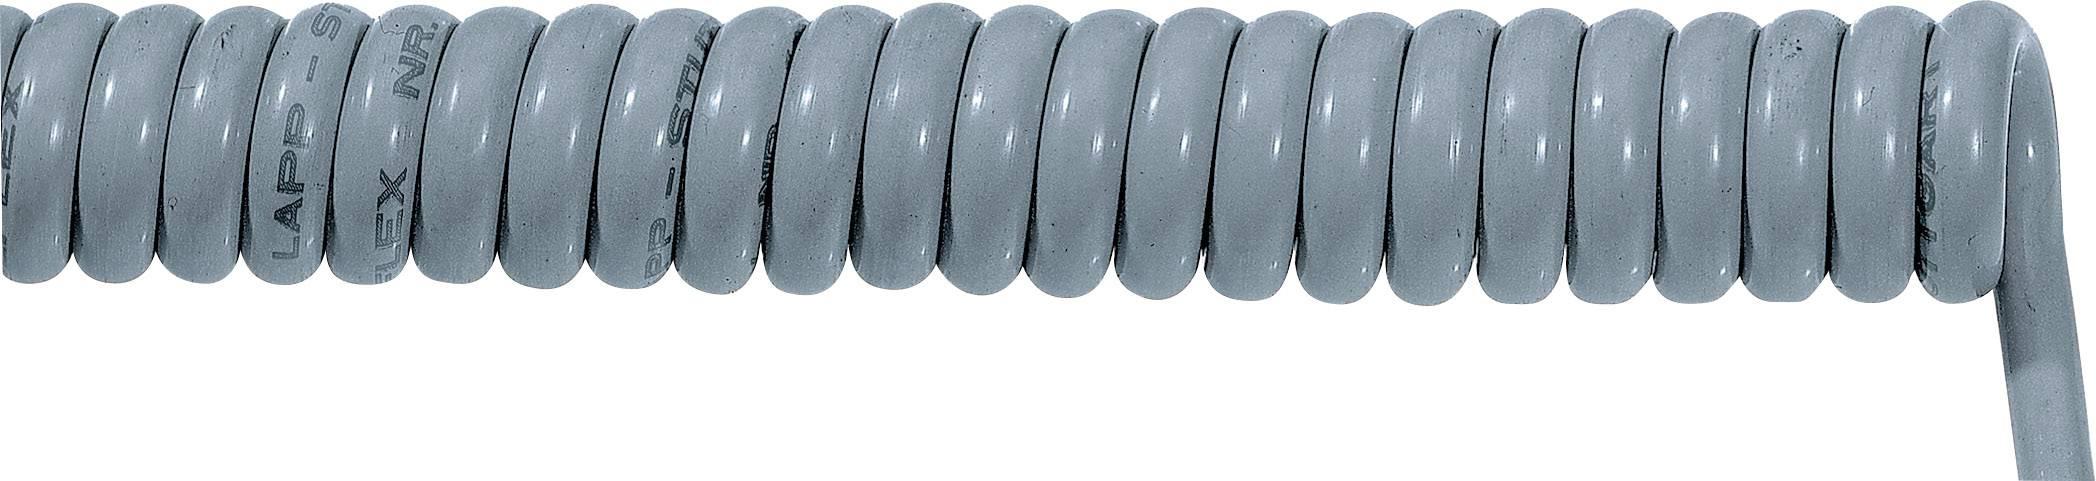 Špirálový kábel 70002661 ÖLFLEX® SPIRAL 400 P 5 x 1 mm², 500 mm / 1500 mm, sivá